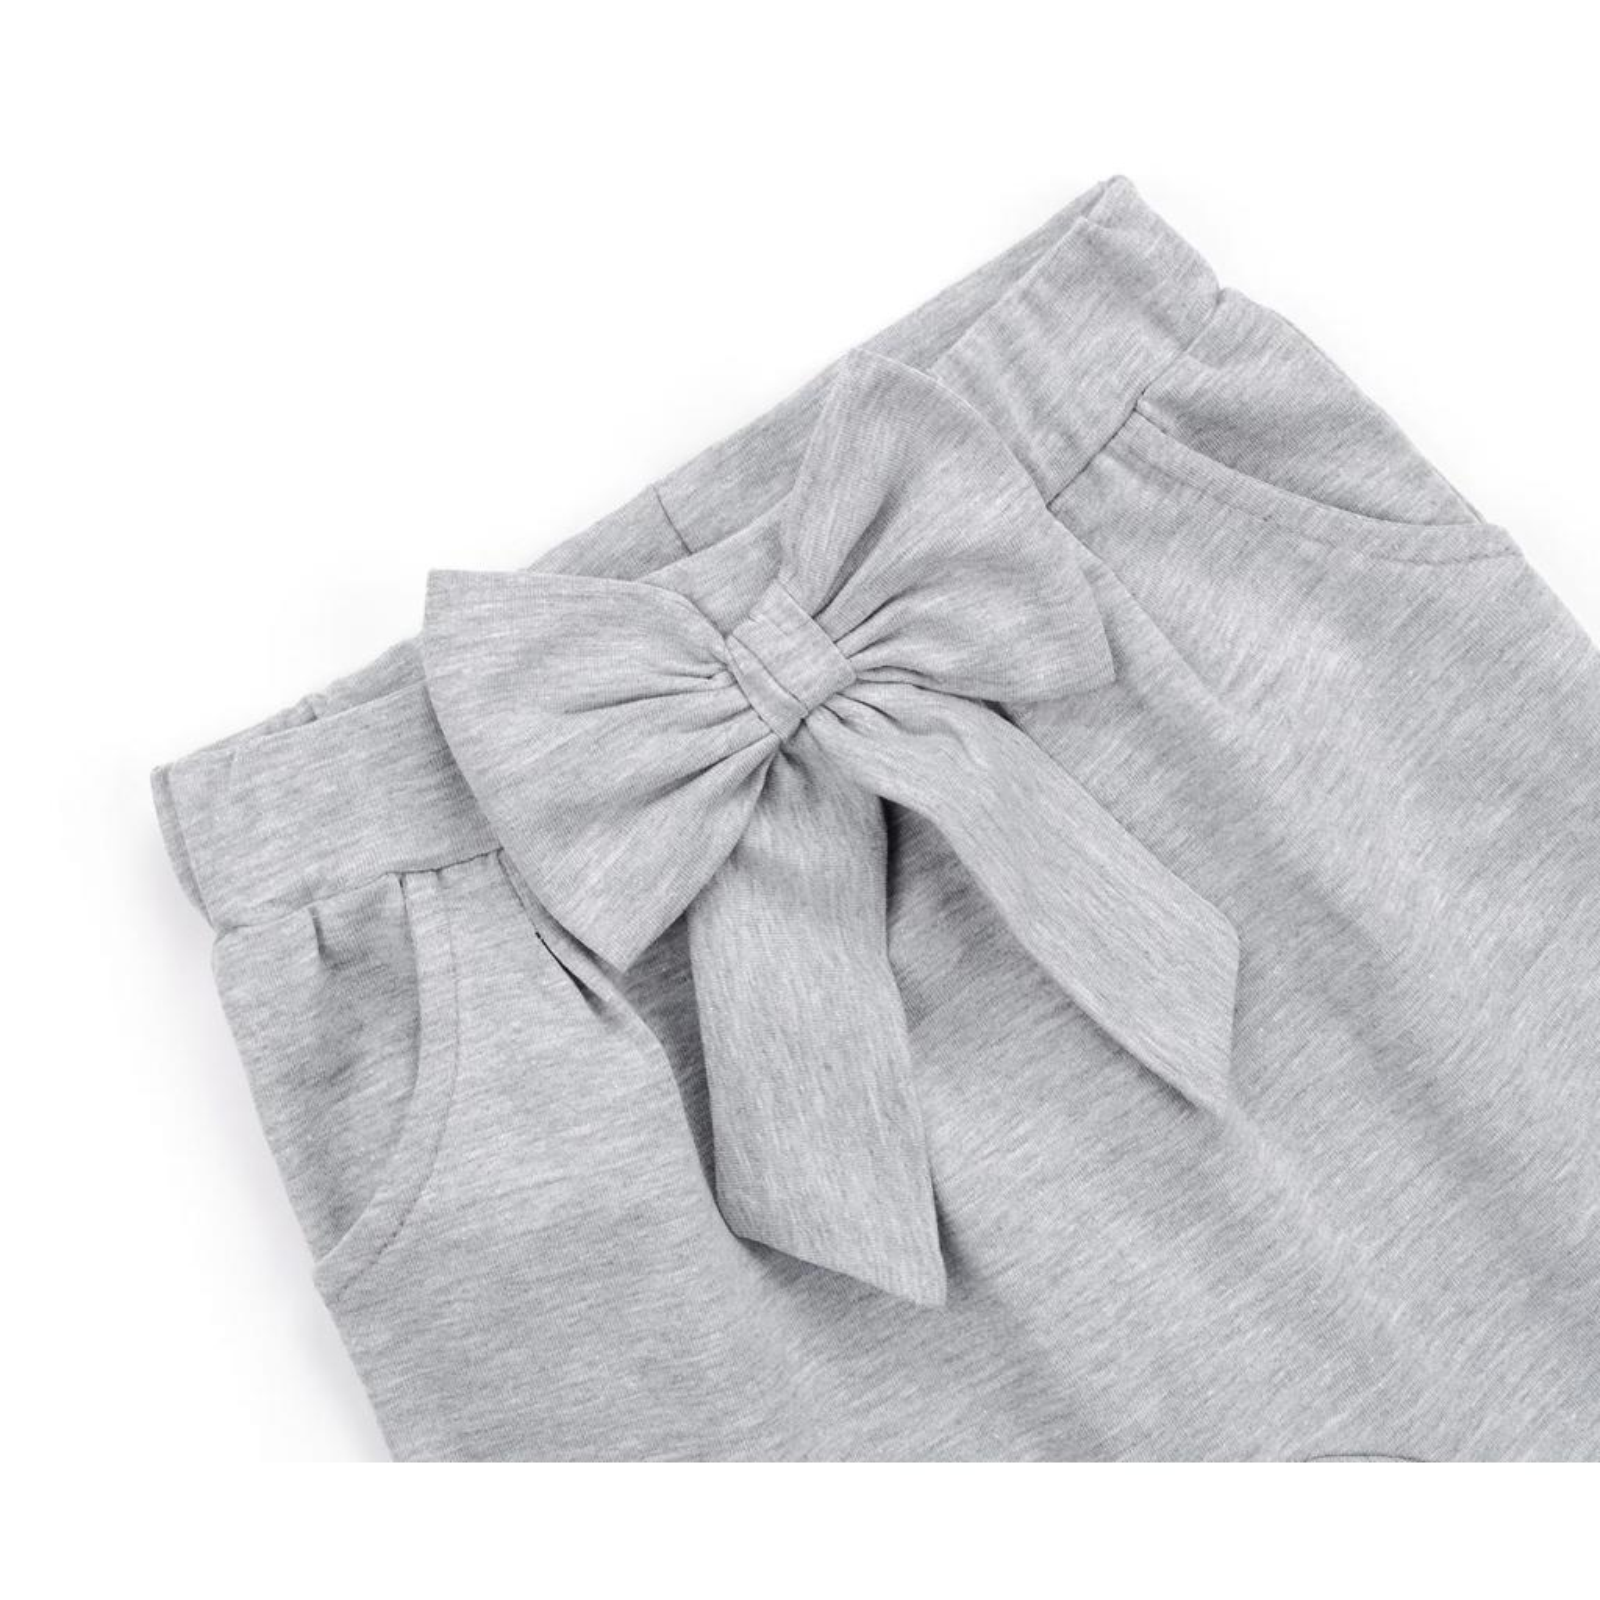 Штаны детские Breeze с бантом (10704-98G-gray) изображение 3